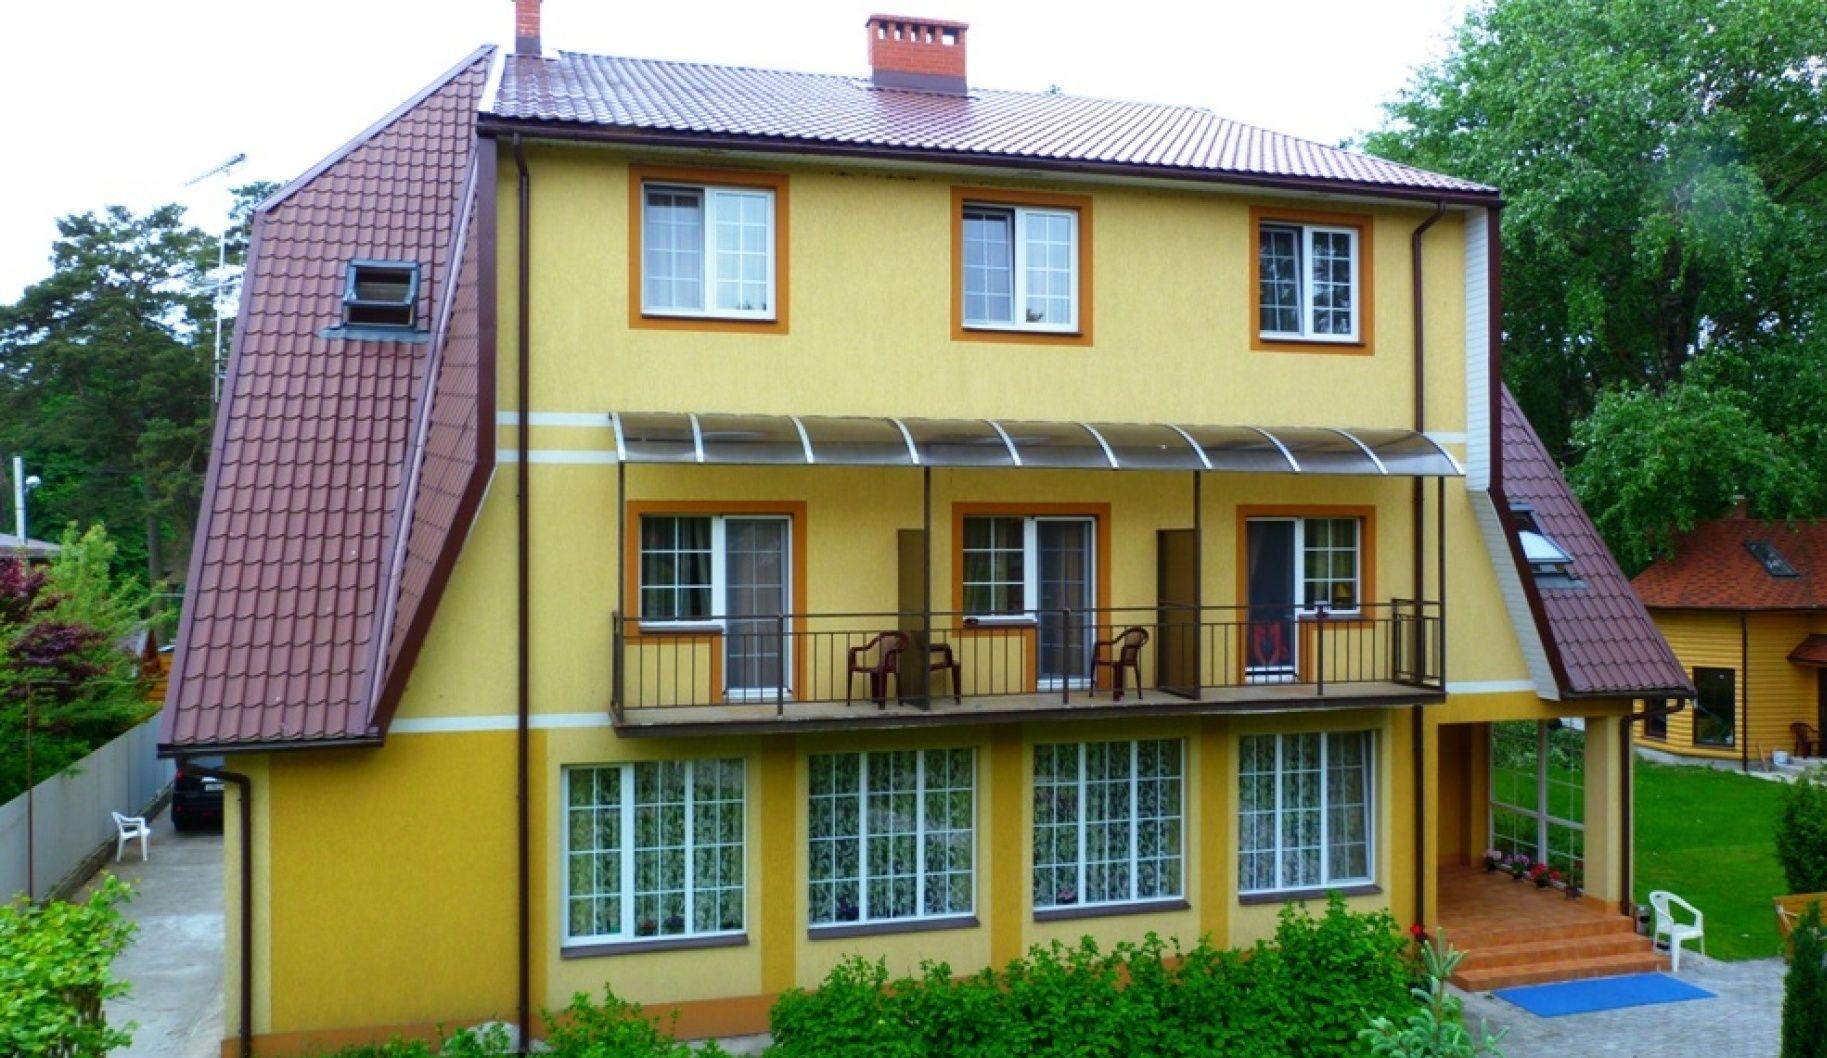 Гостевой дом «Понарт» Калининградская область, фото 2